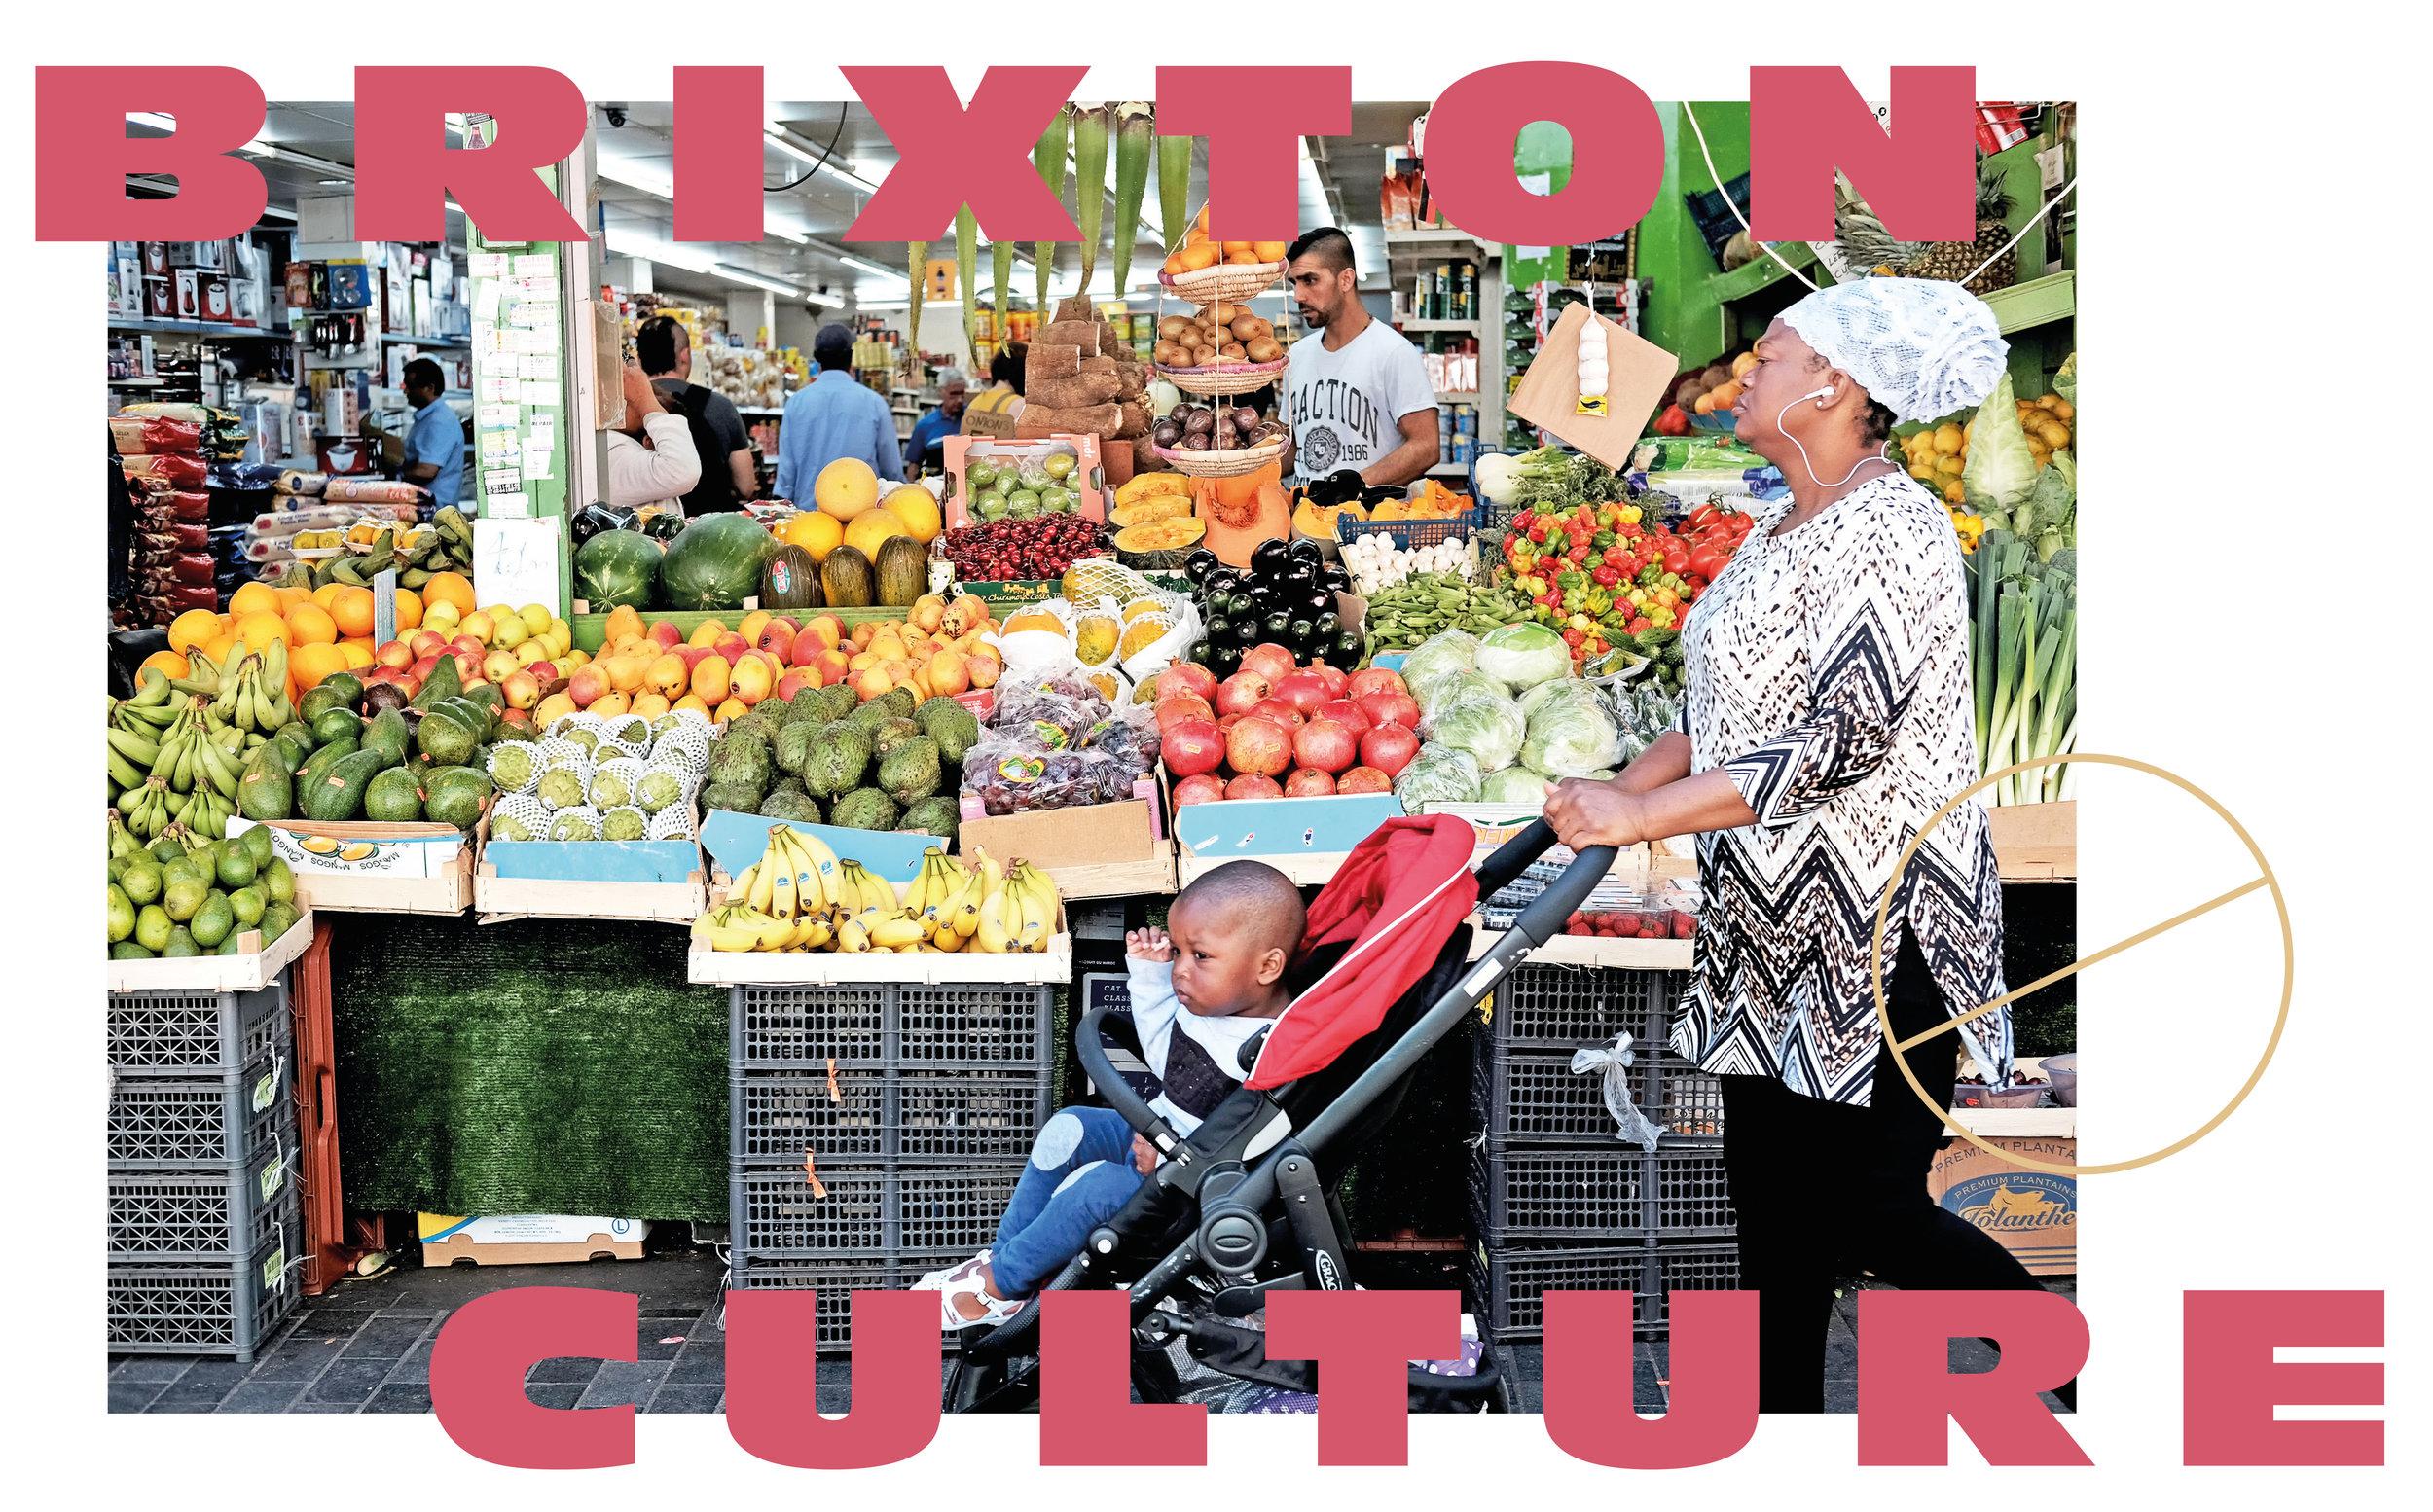 Depot_Brixton culture.jpg